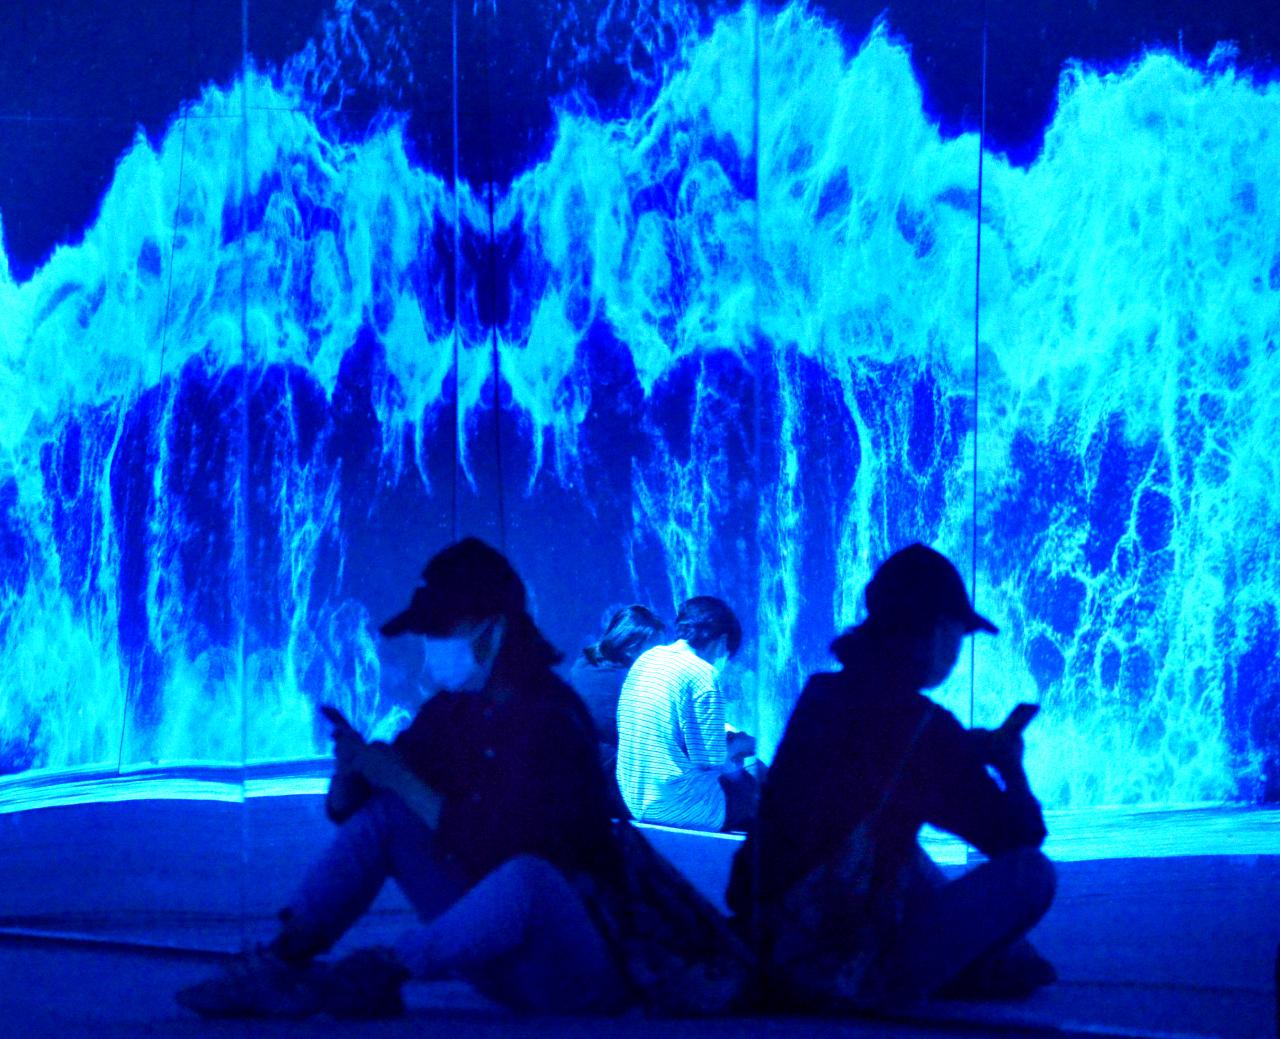 Moradores De Seul Experimentam Um &Quot;Mar Digital&Quot;